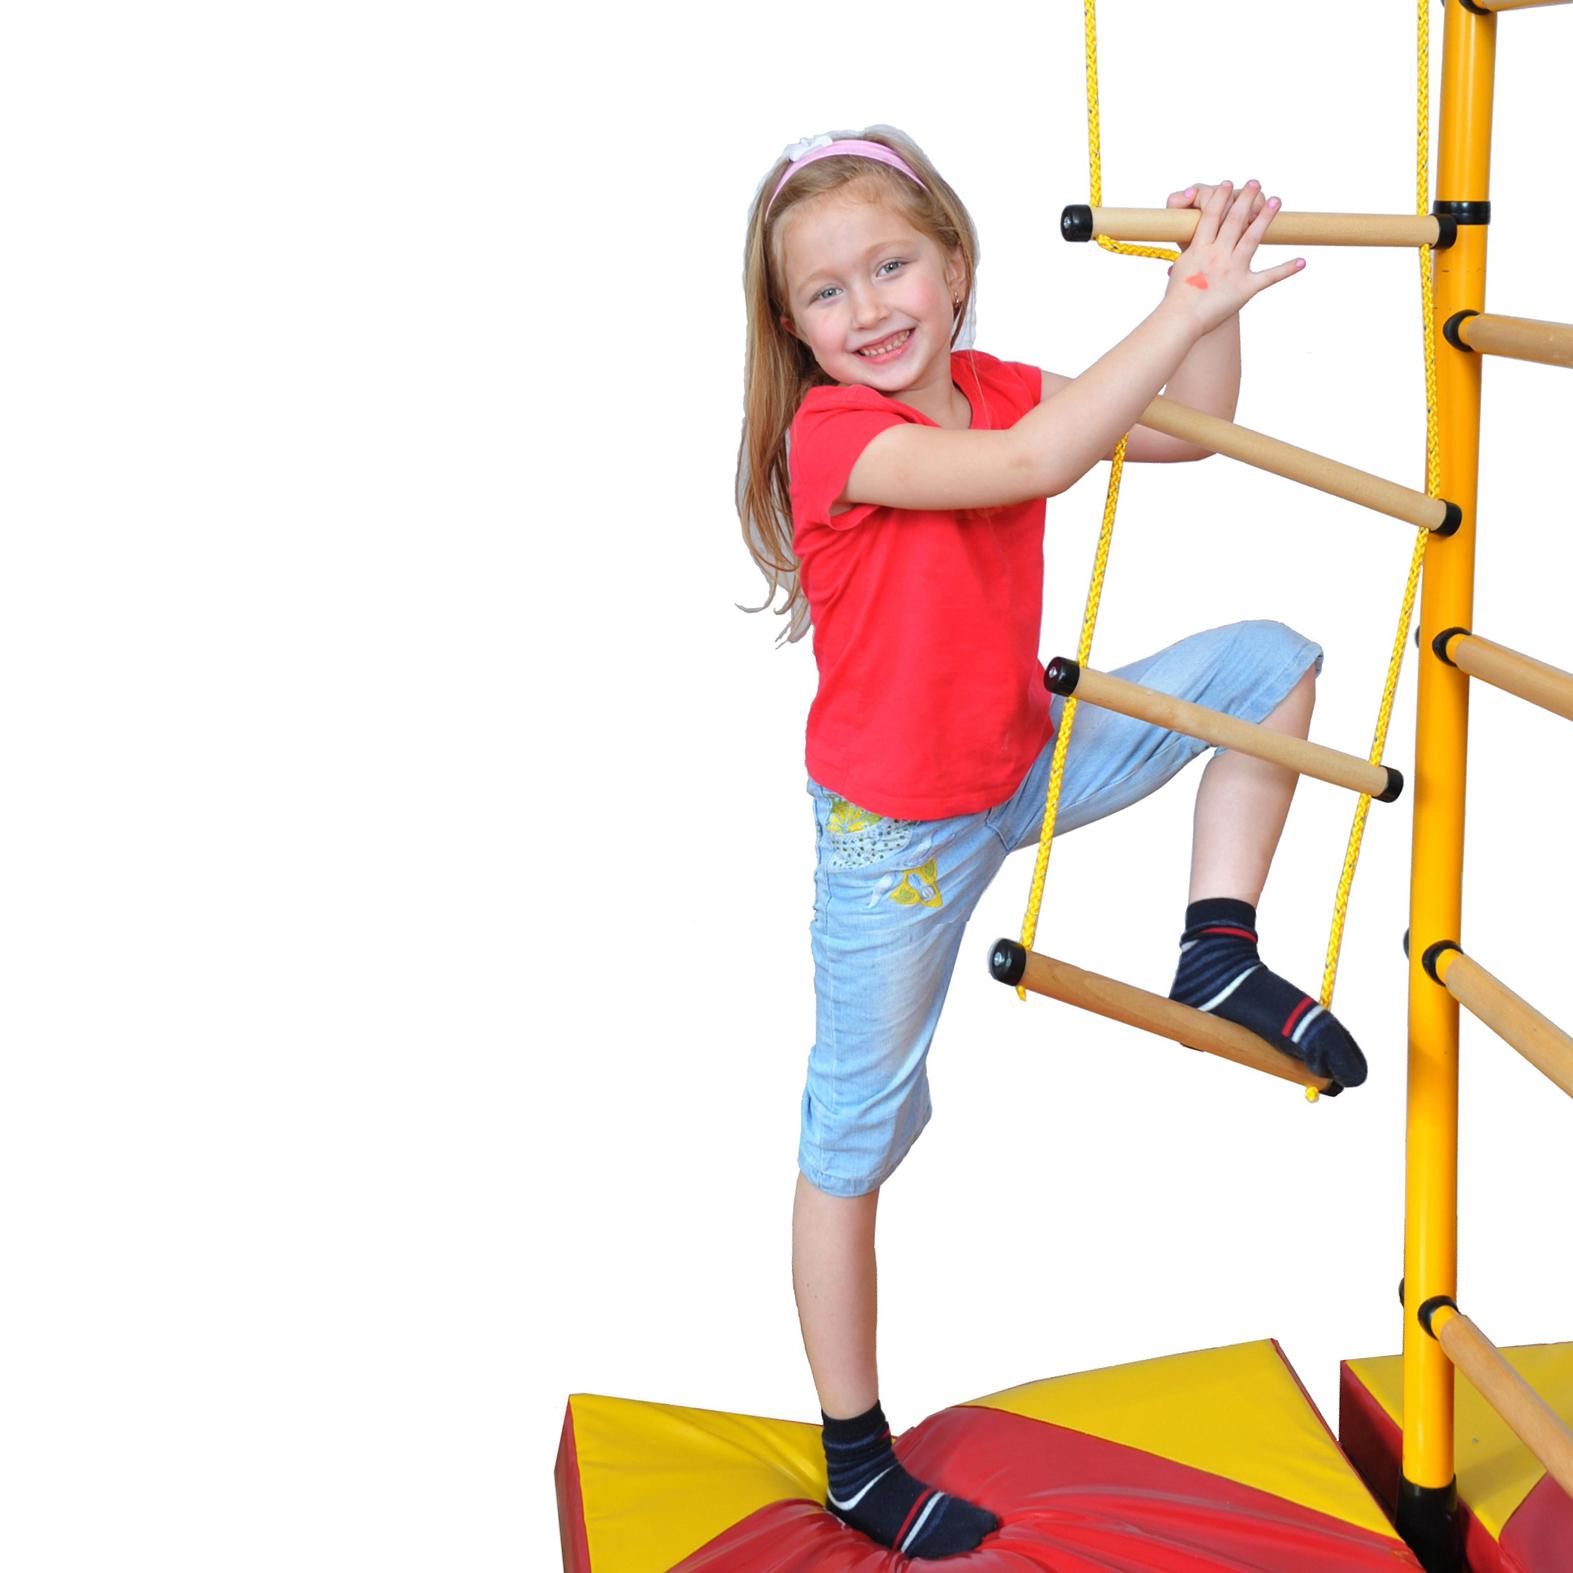 Full Size of Klettergerst Kinderzimmer Kidwood Rakete Junior Set Klettergerüst Garten Wohnzimmer Kidwood Klettergerüst